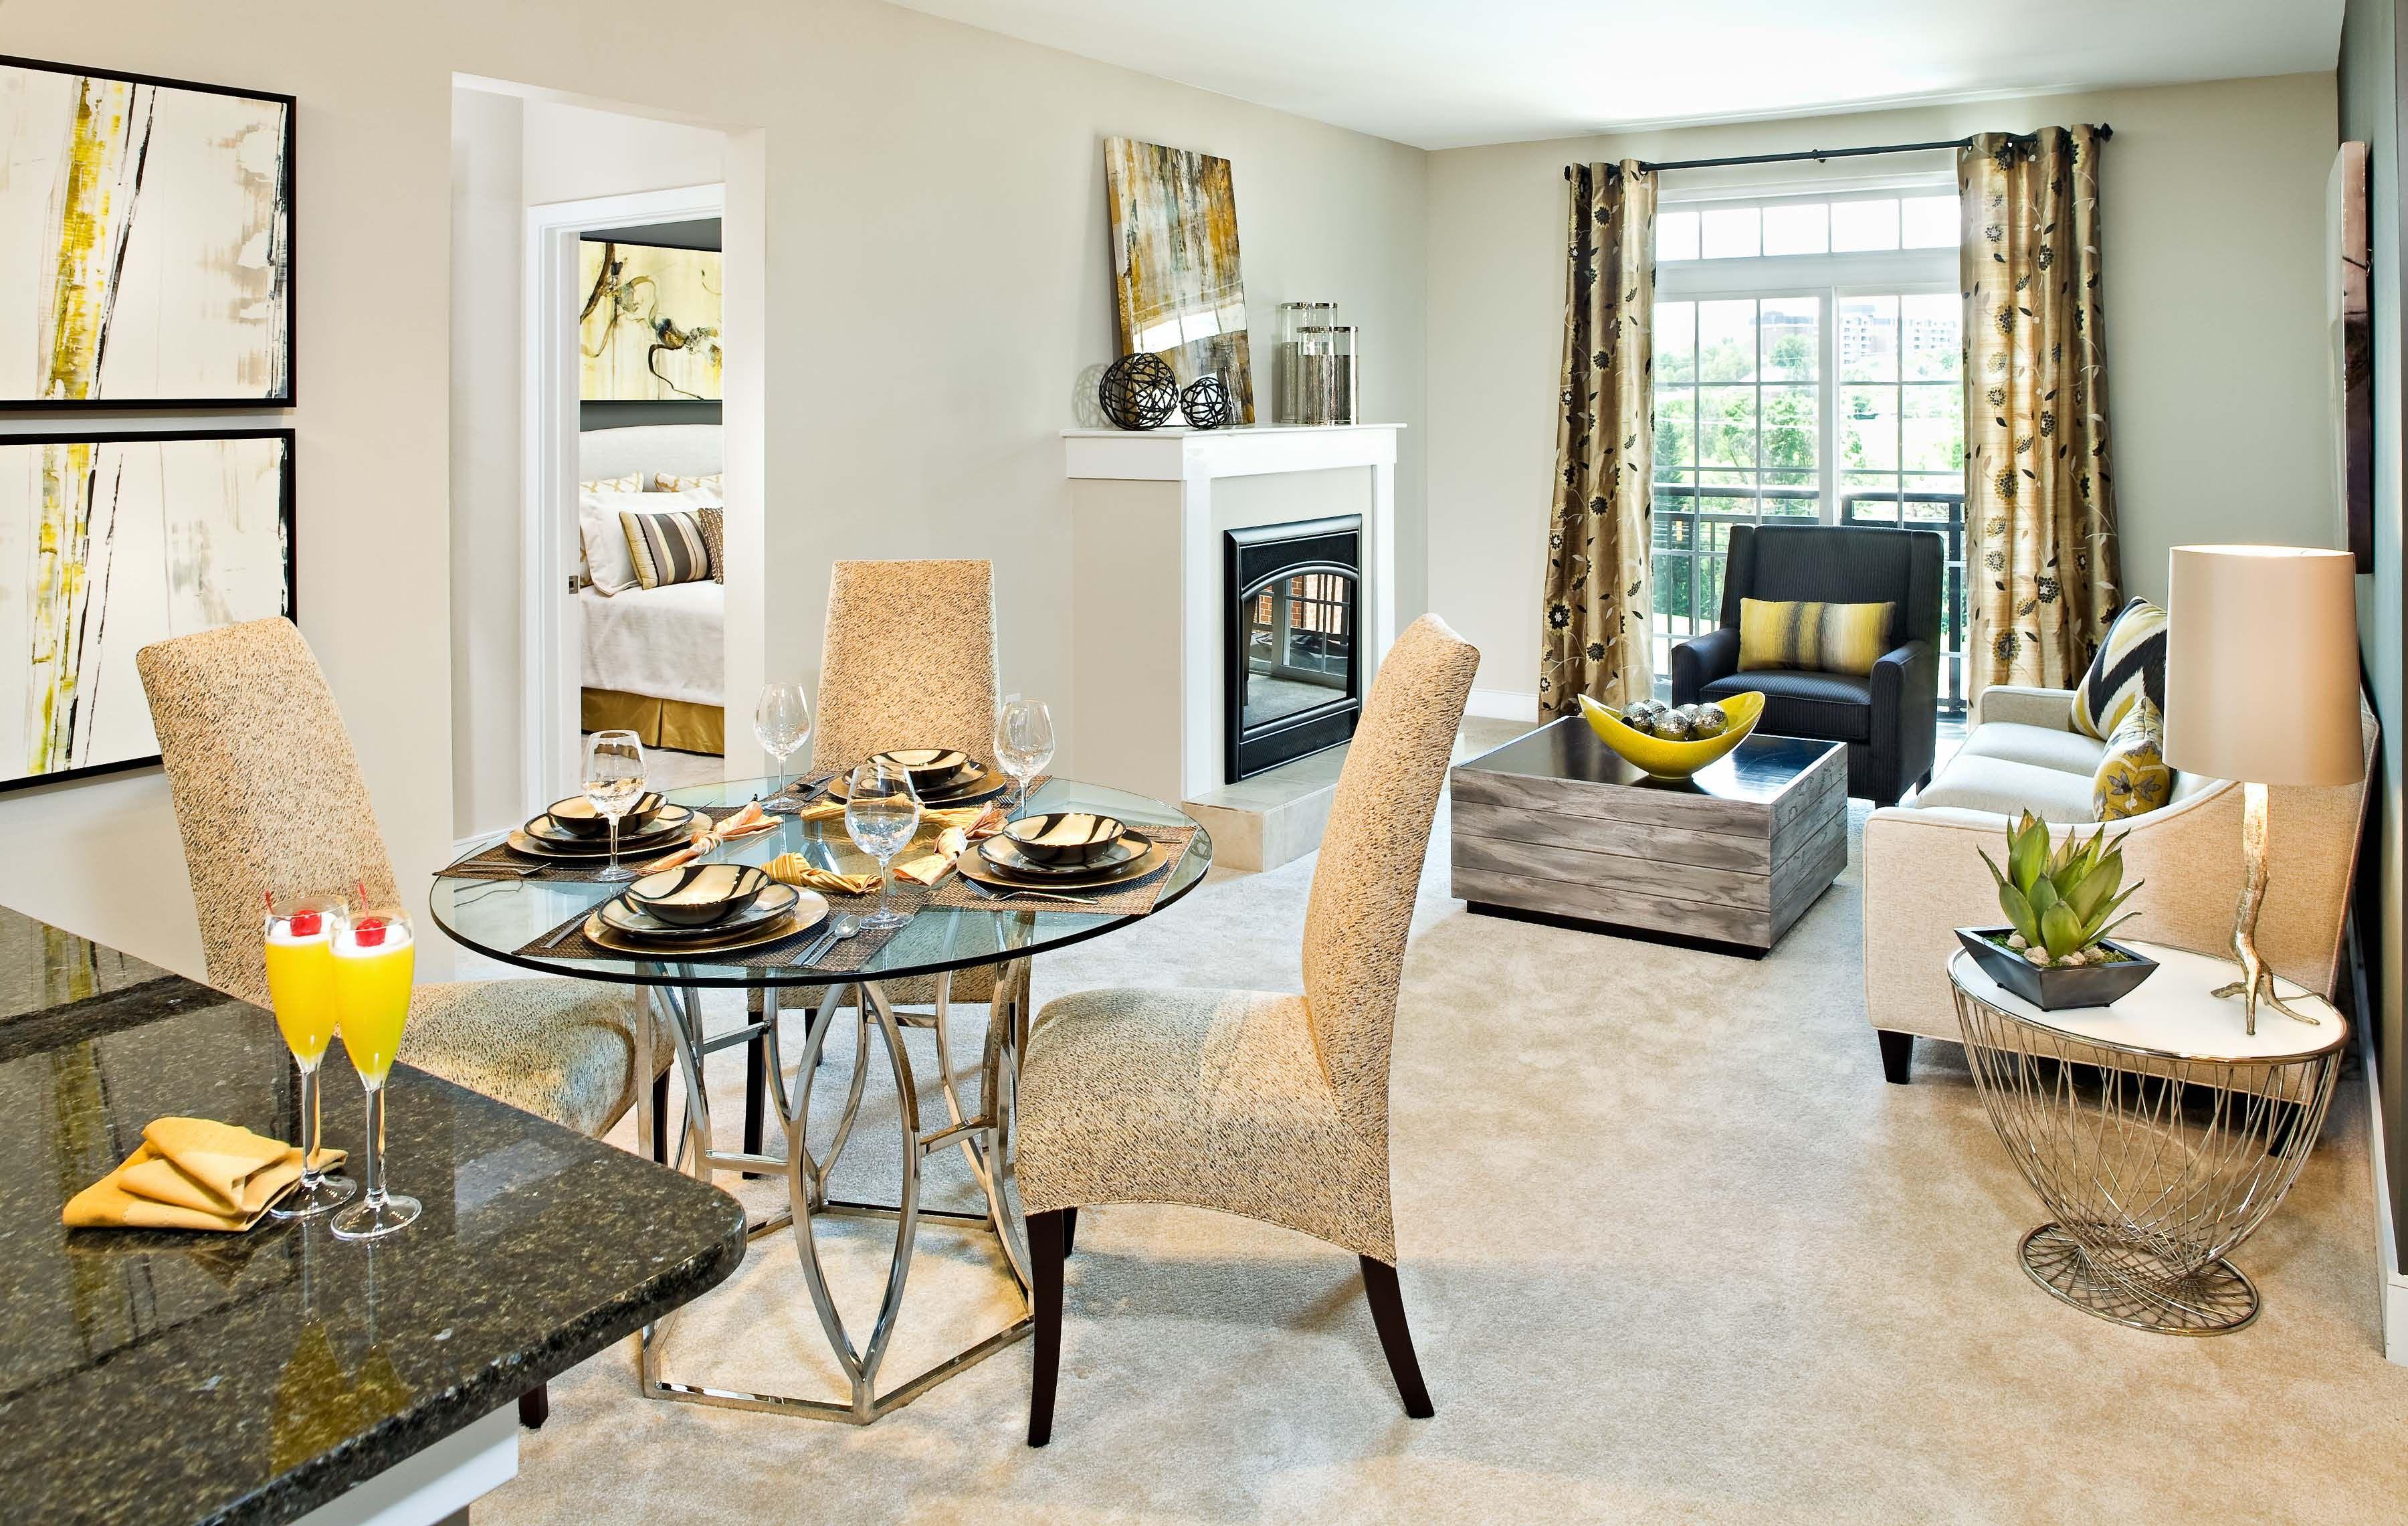 Living Room Luxury apartments, Classic interior decor